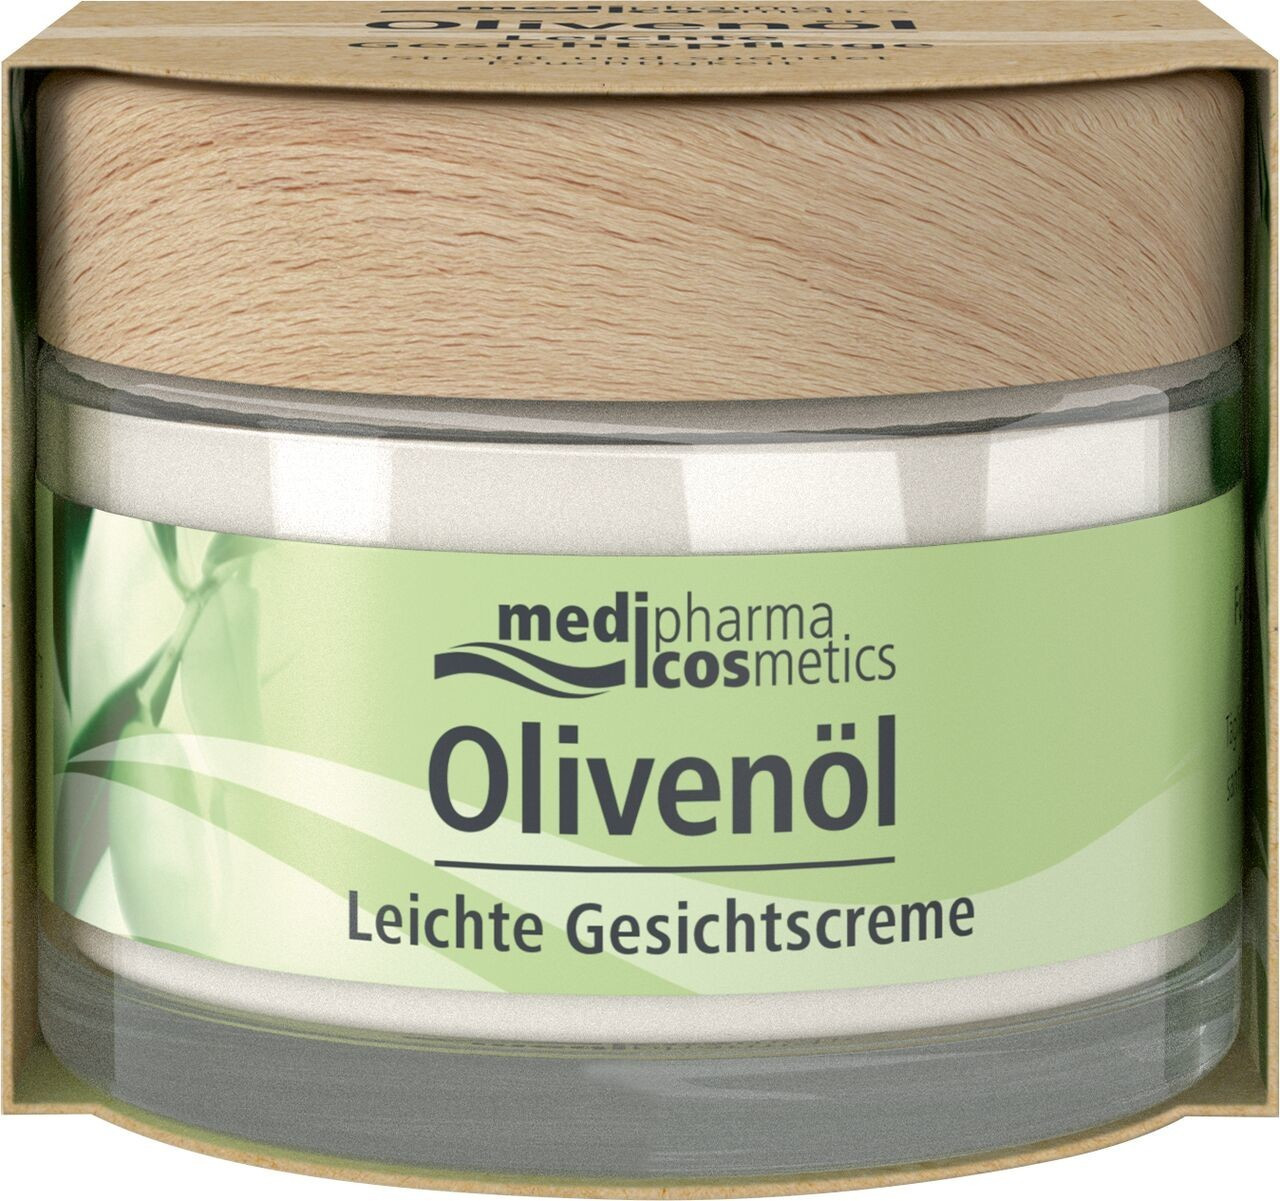 Medipharma Olivenöl Leichte Gesichtscreme (50ml)